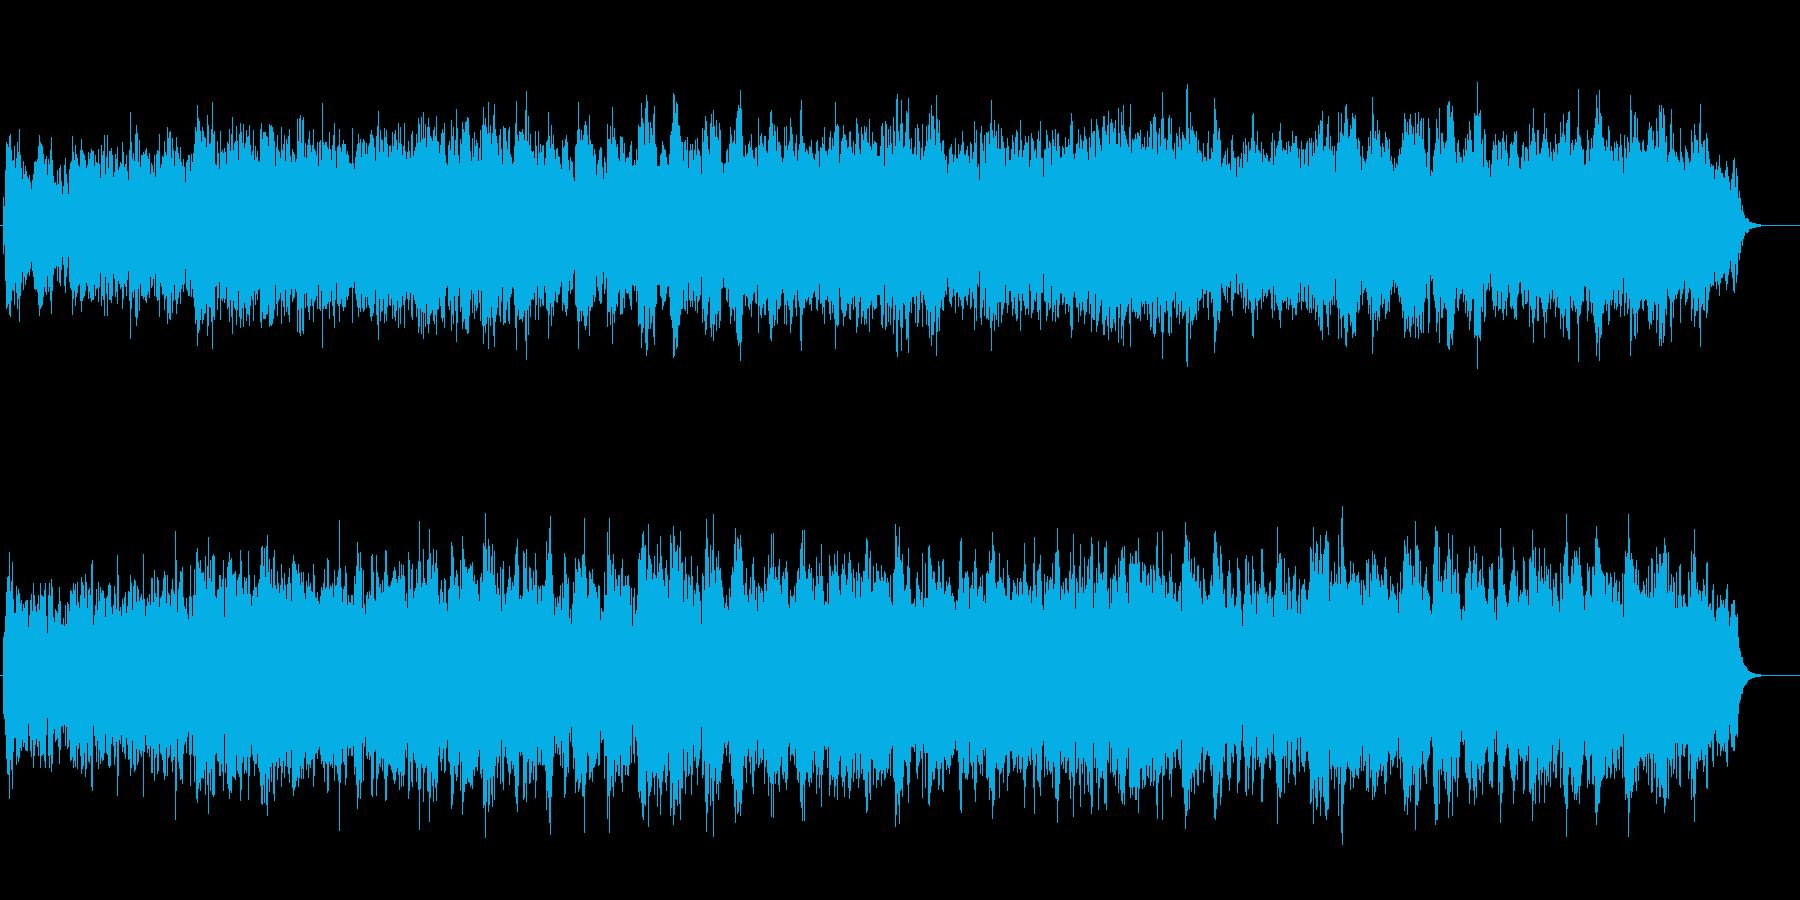 閉ざされた静寂の中の叙情的マイナーBGMの再生済みの波形